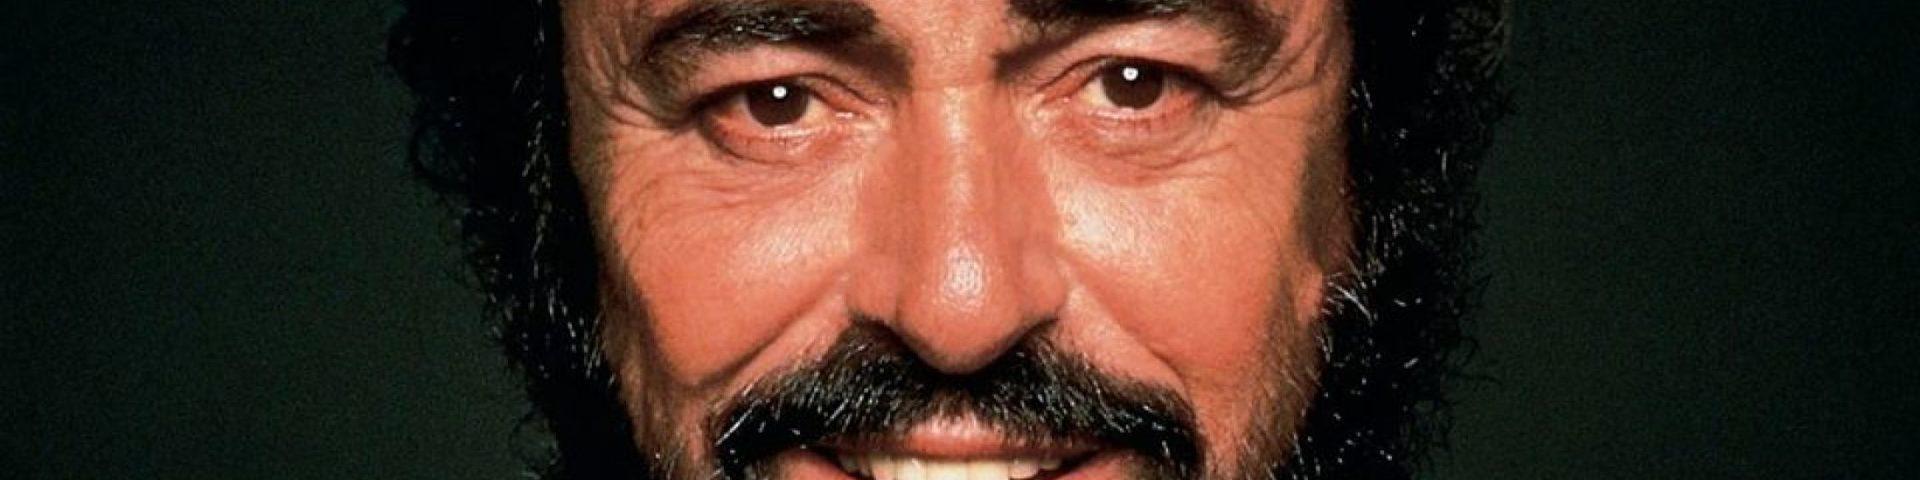 Pavarotti: vita e opere di un grande tenore